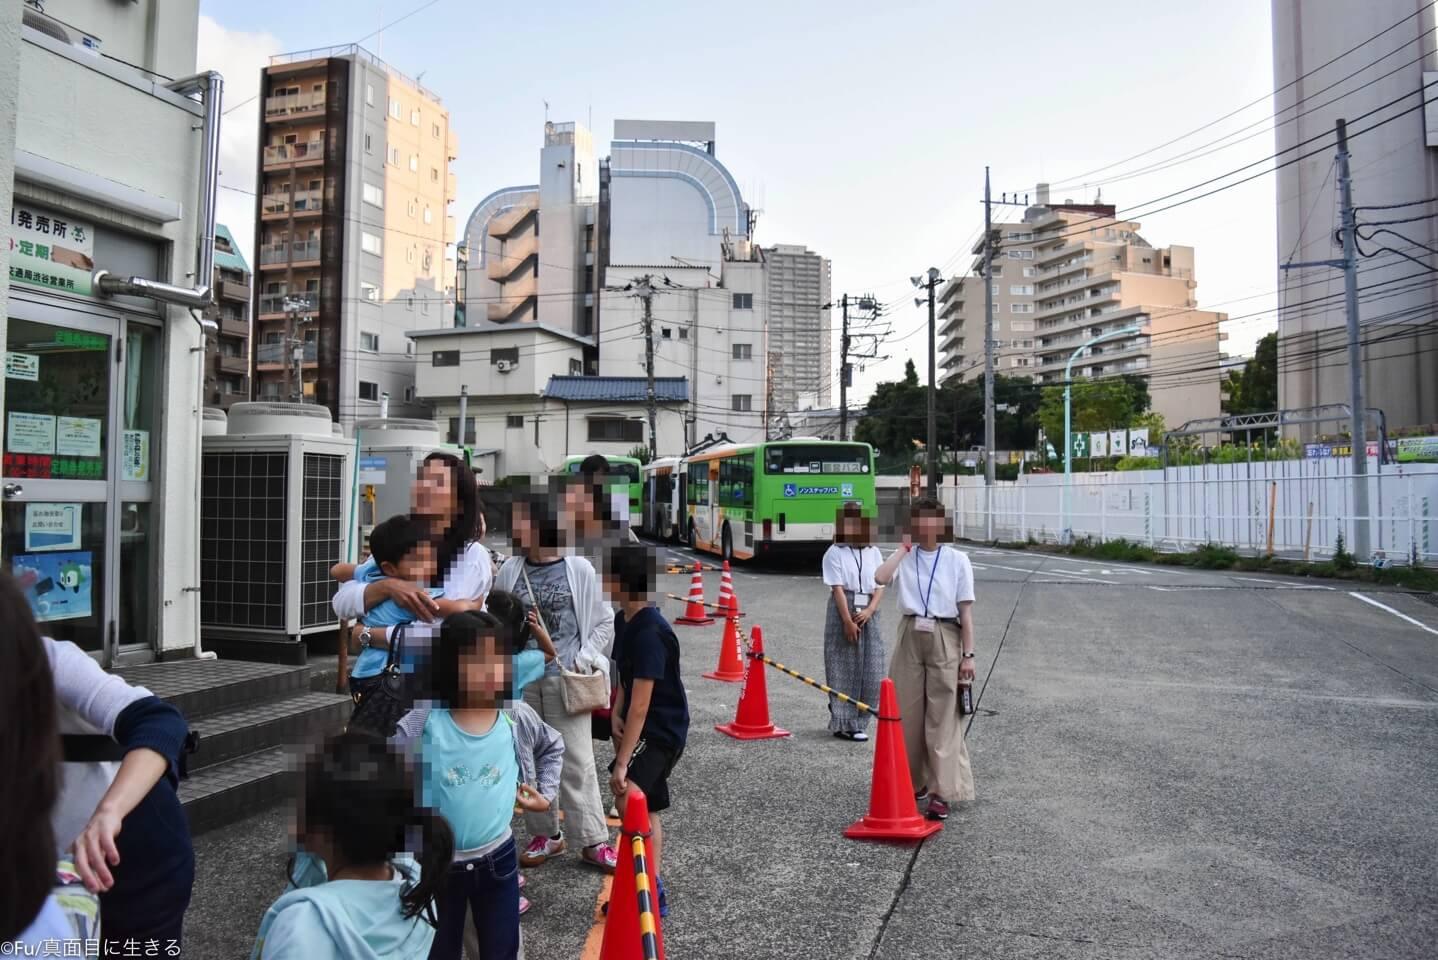 バスセンターまでつづく長蛇の列